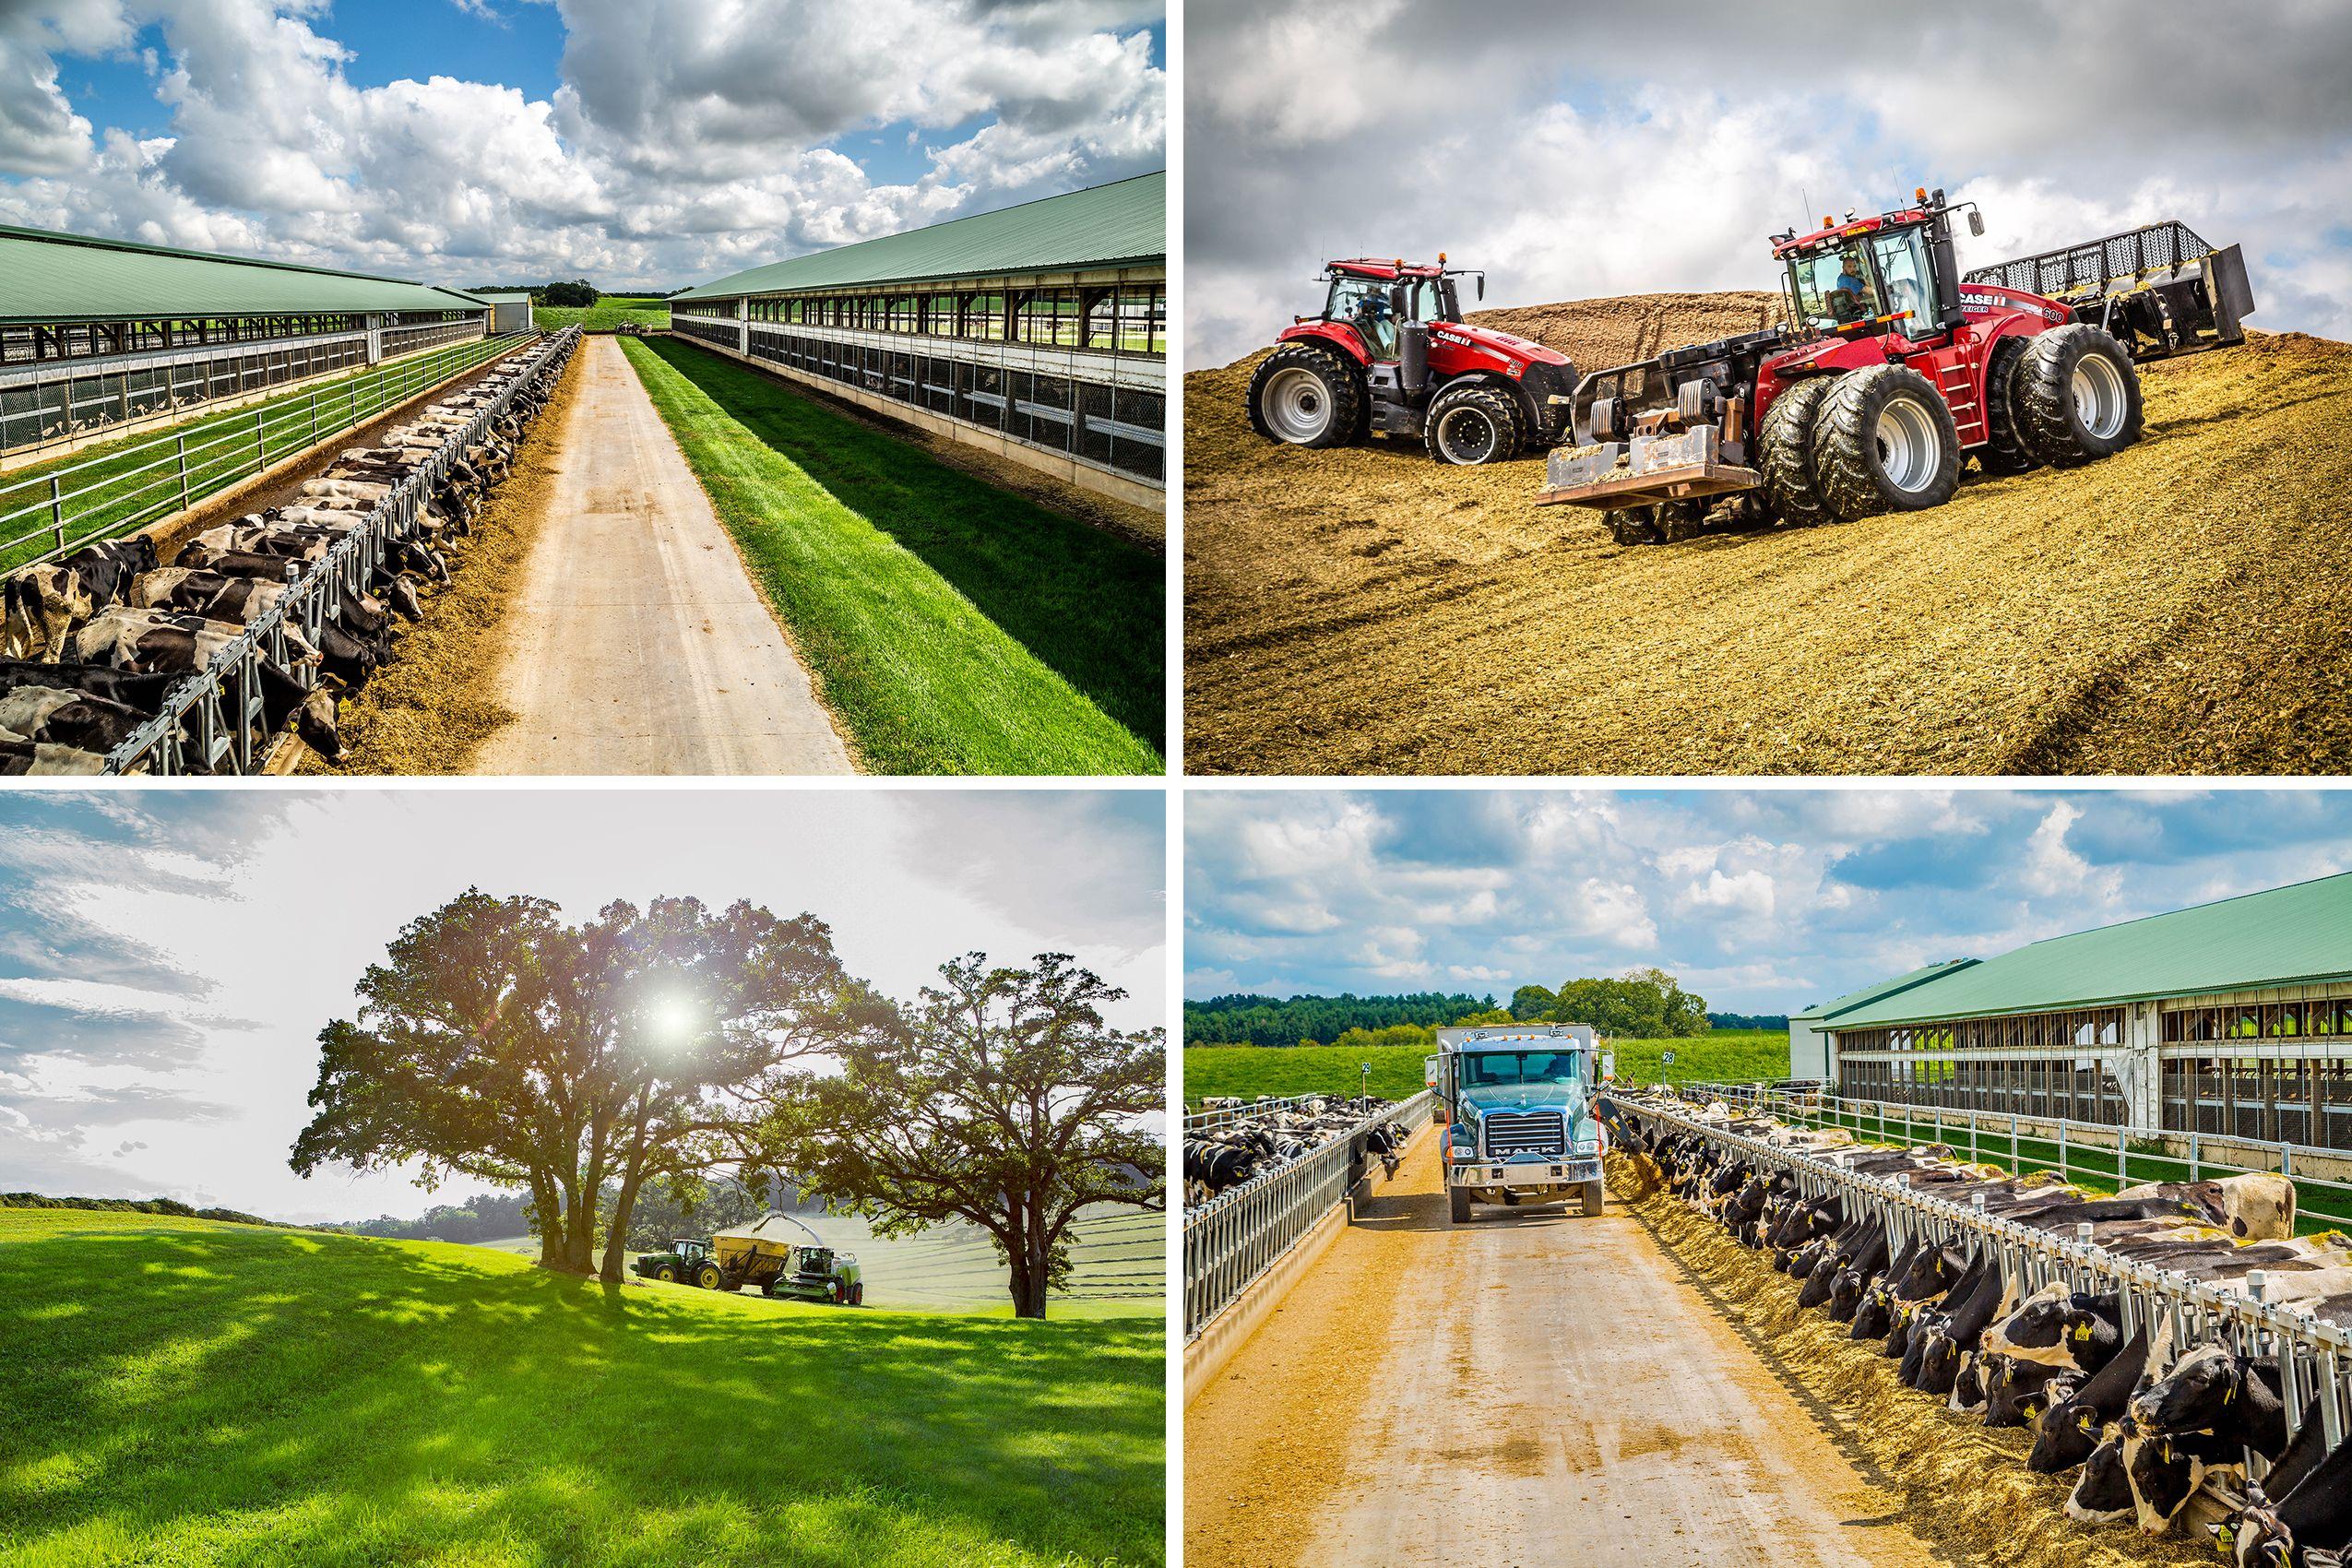 Farm_Trucks_1_combo_W_F.jpg